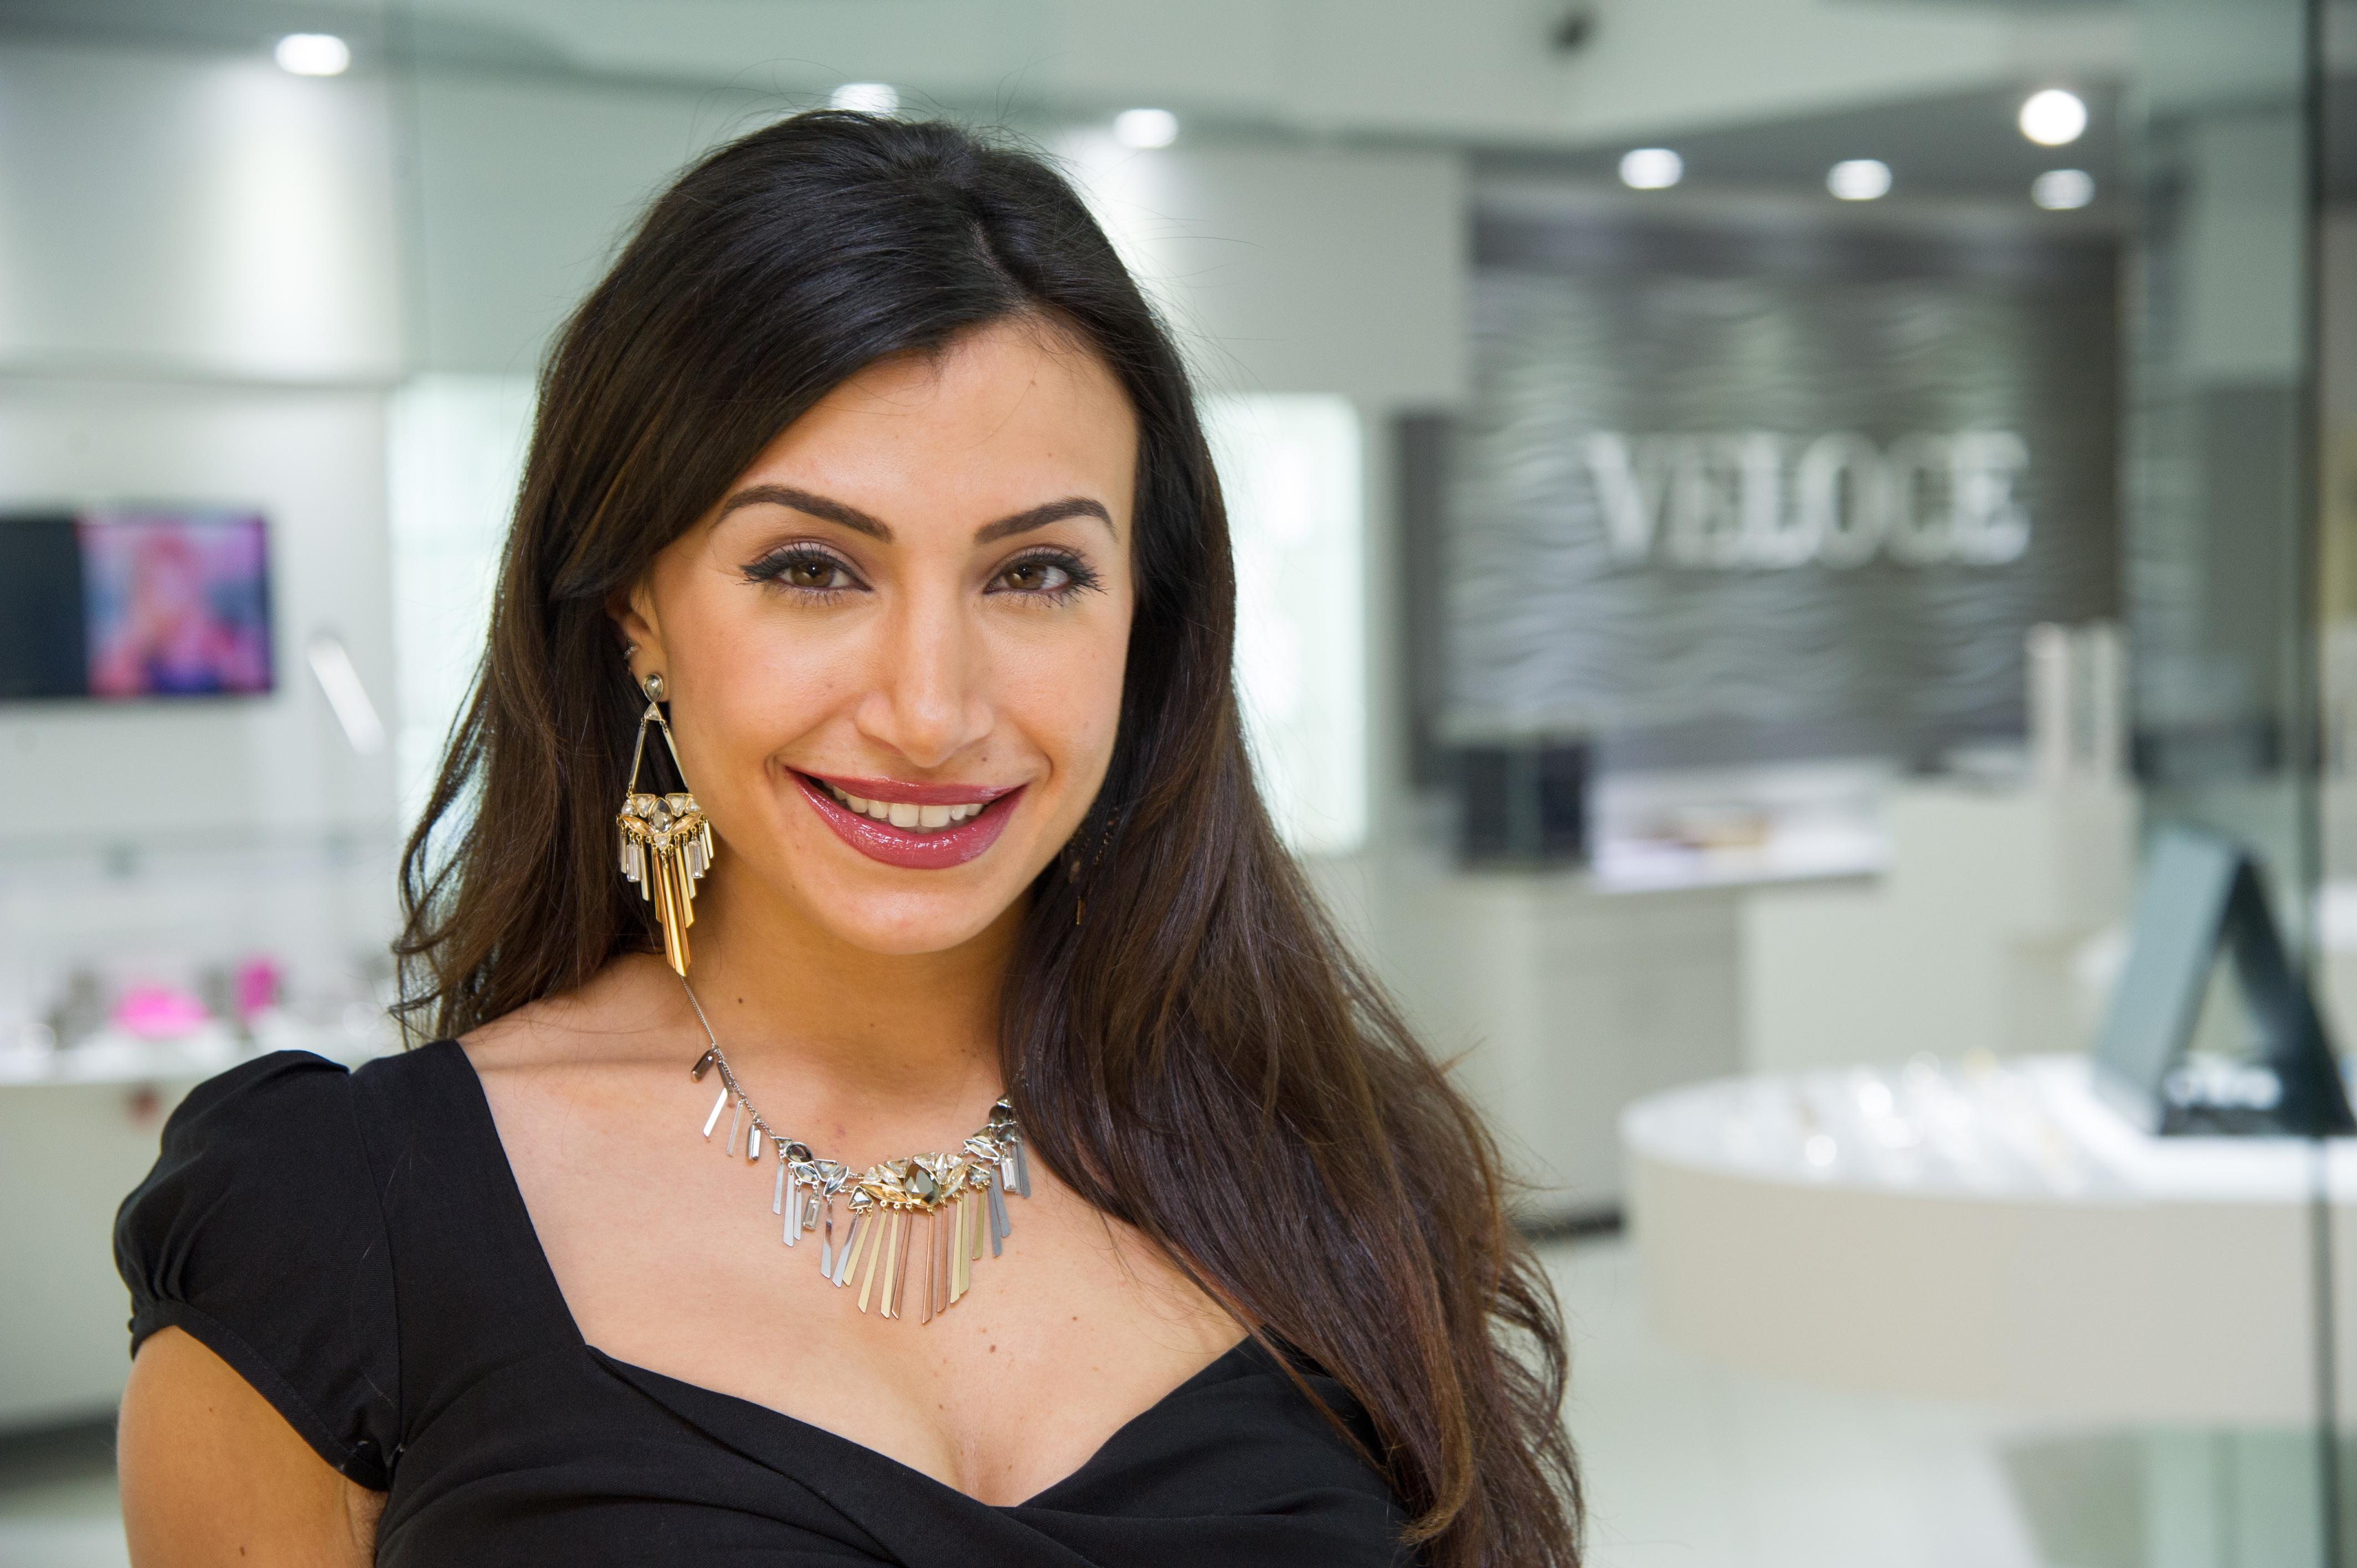 Christina Medawar